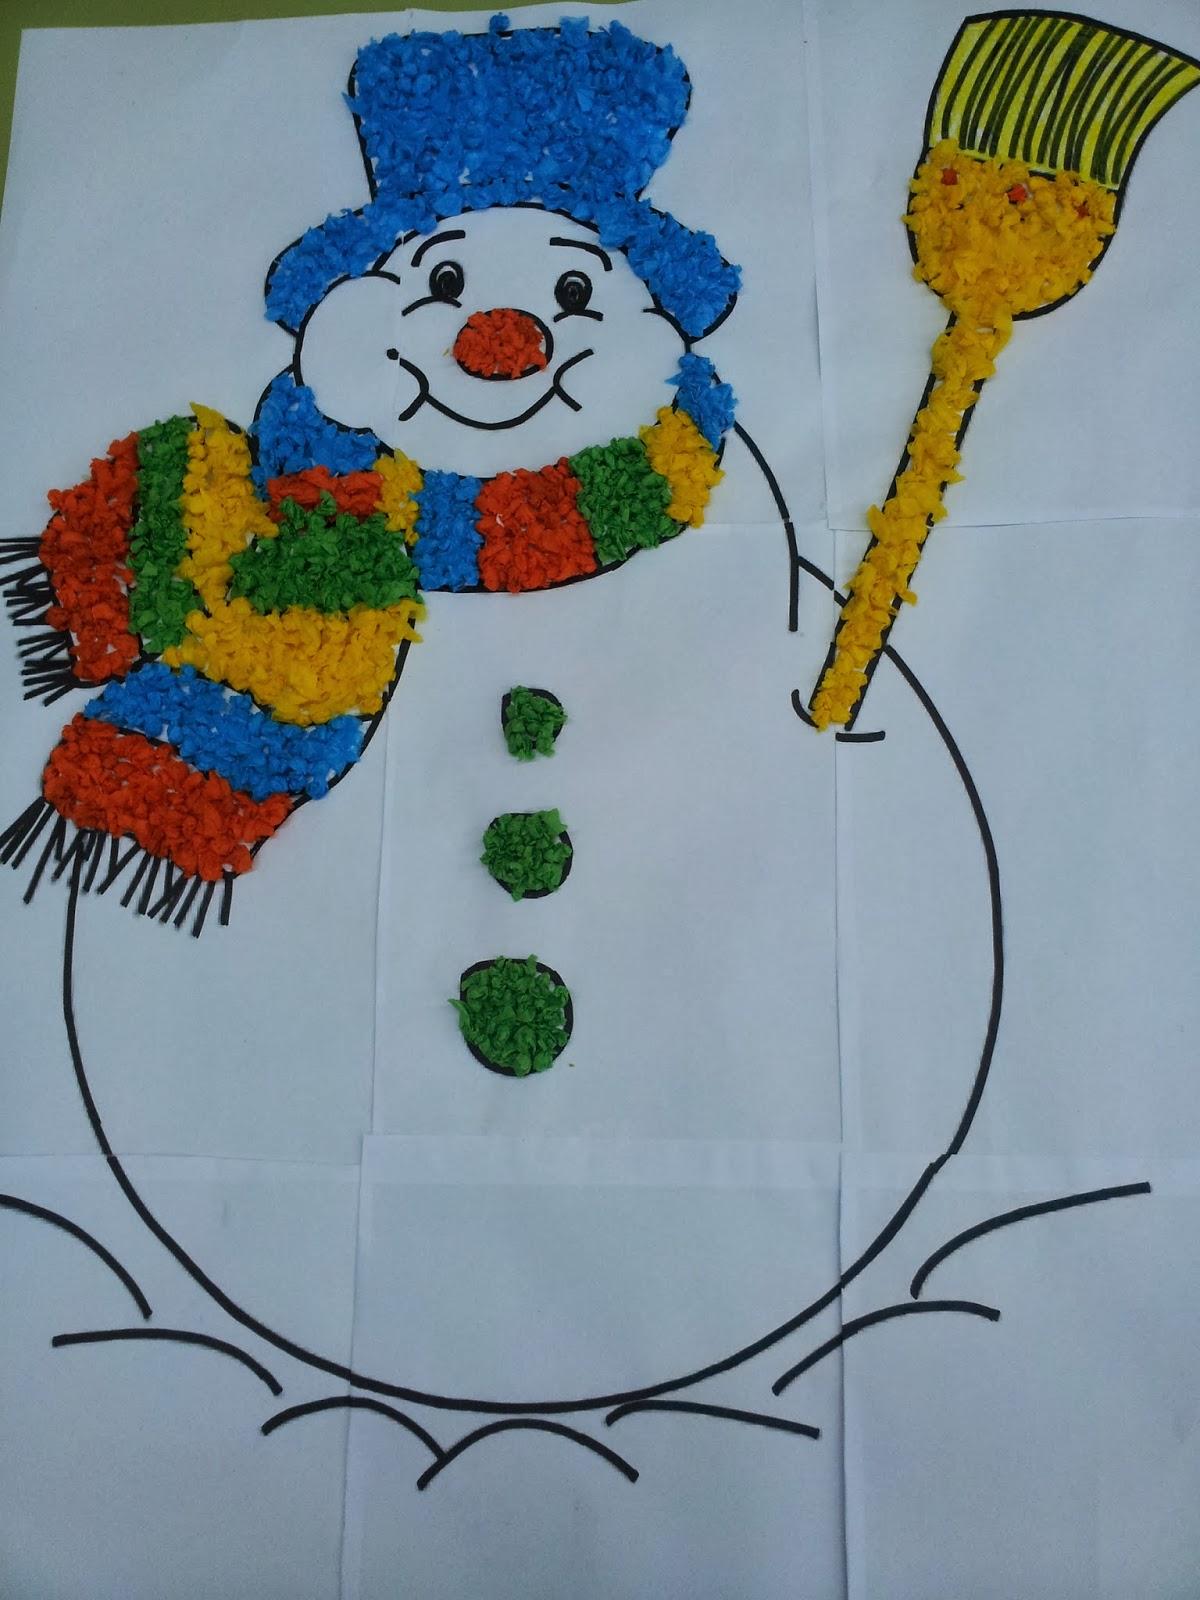 Trabajando en Educación Infantil: Nuestro muñeco de nieve